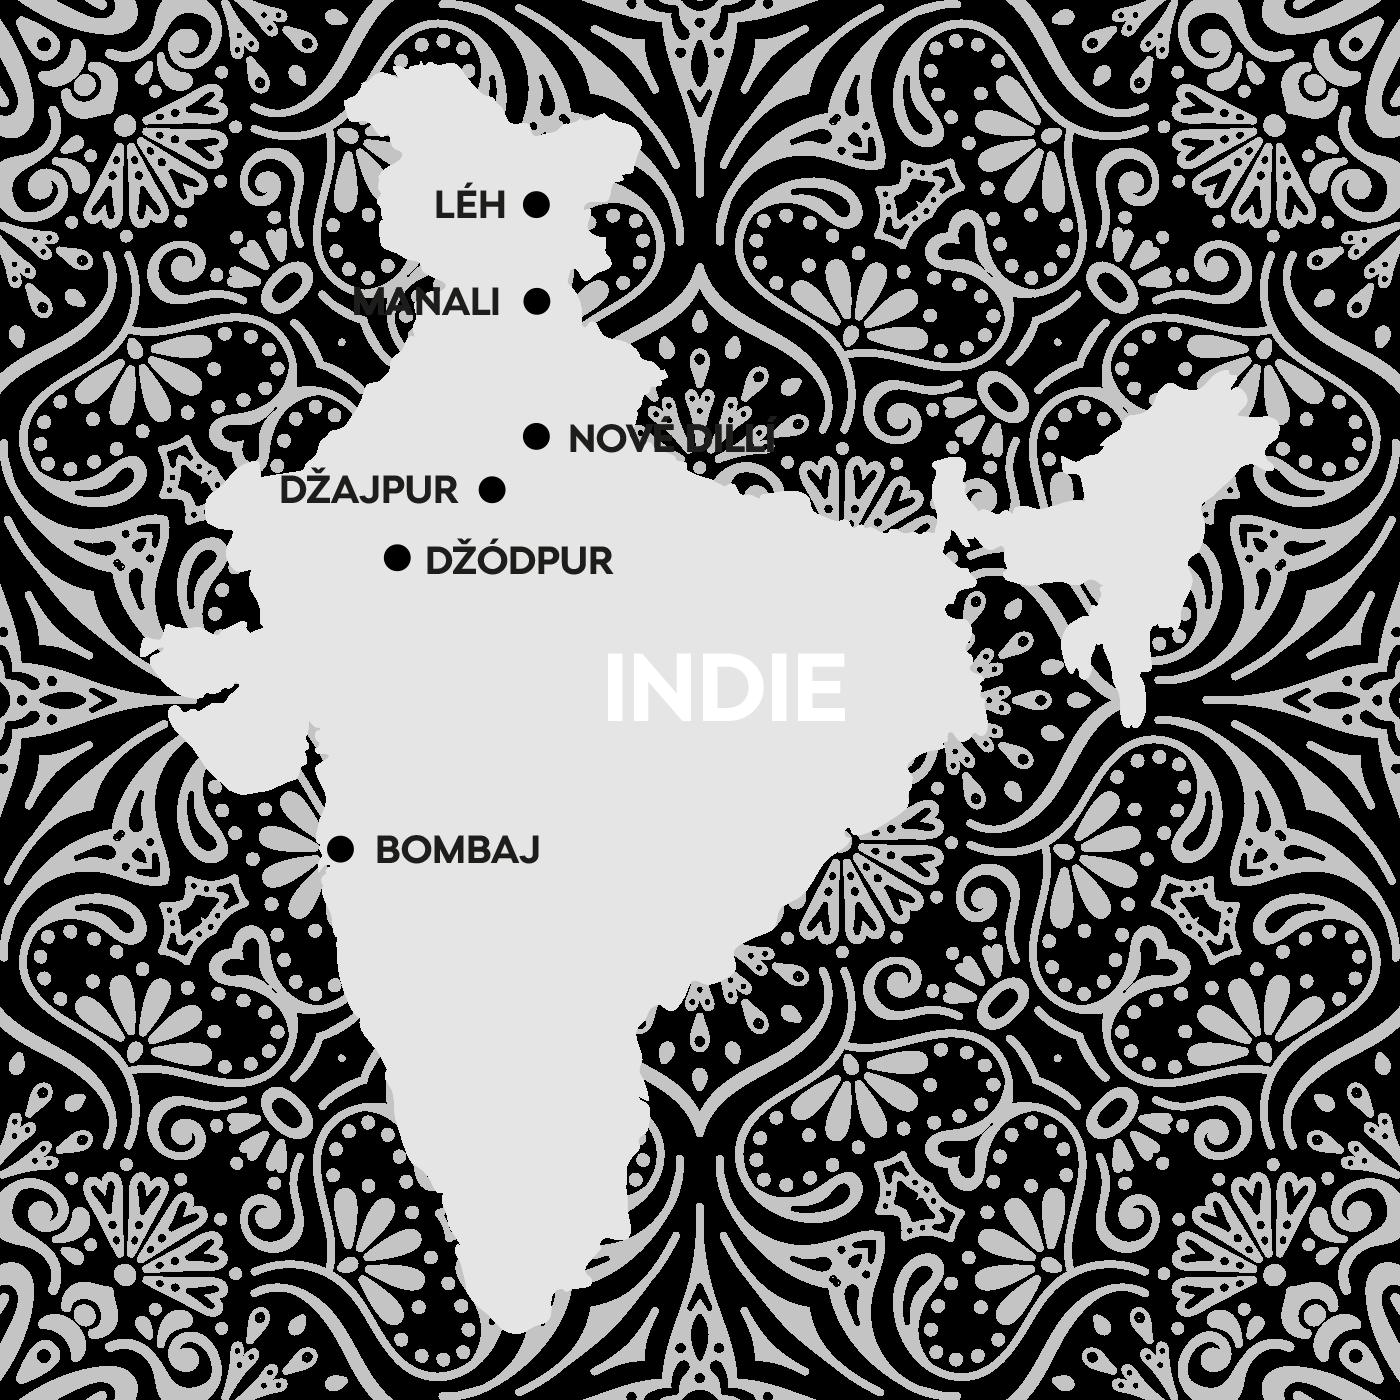 India-map-big-cz